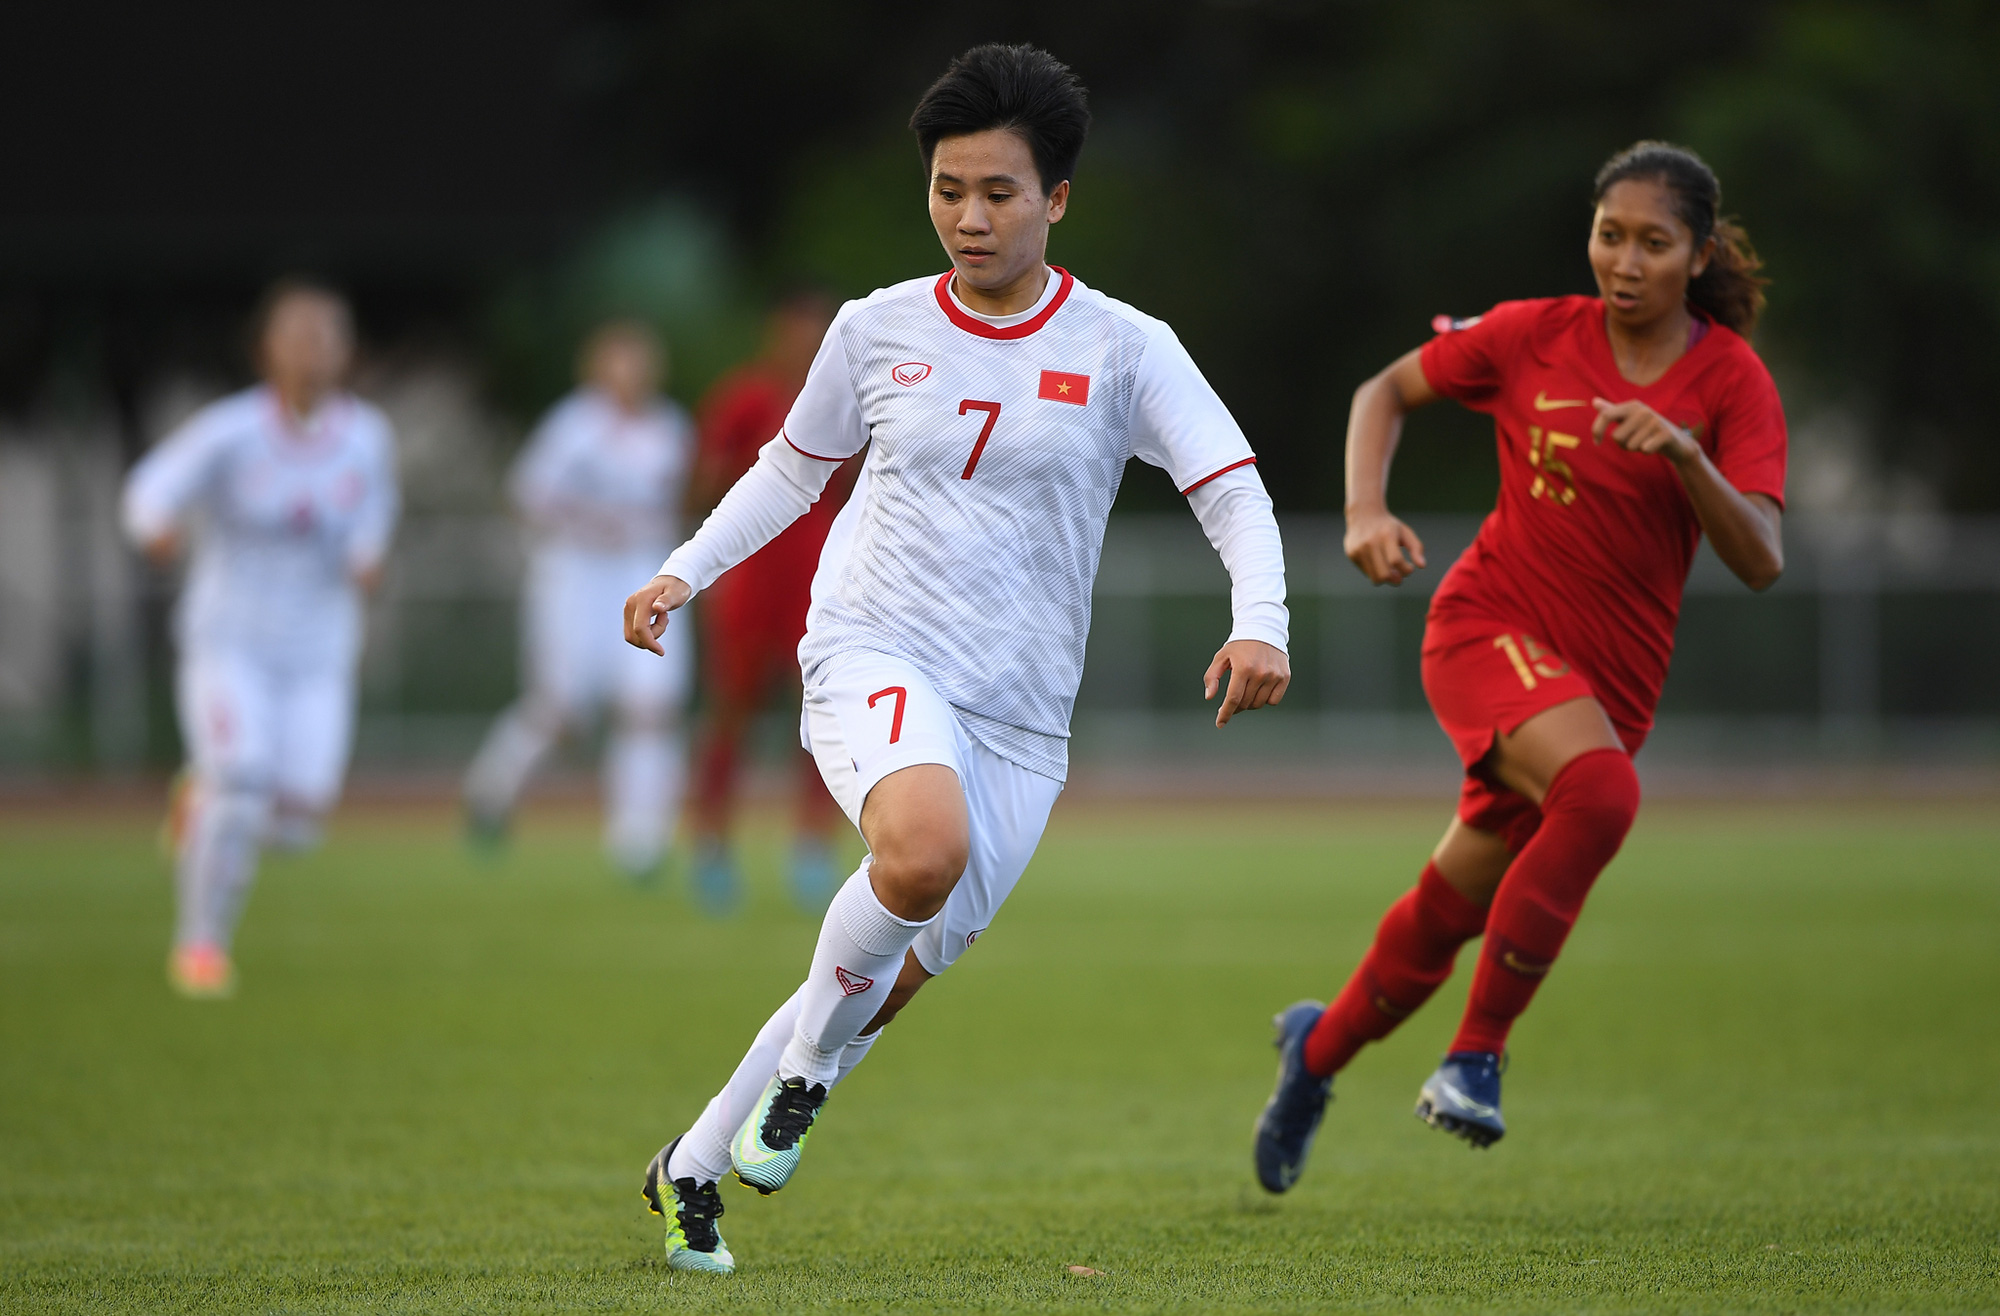 """Tuyết Dung - cô gái """"vàng"""" ôm giấc mơ World Cup của tuyển nữ Việt Nam: """"Đã lên sân là chiến đấu quên mình rồi!"""" - Ảnh 10."""